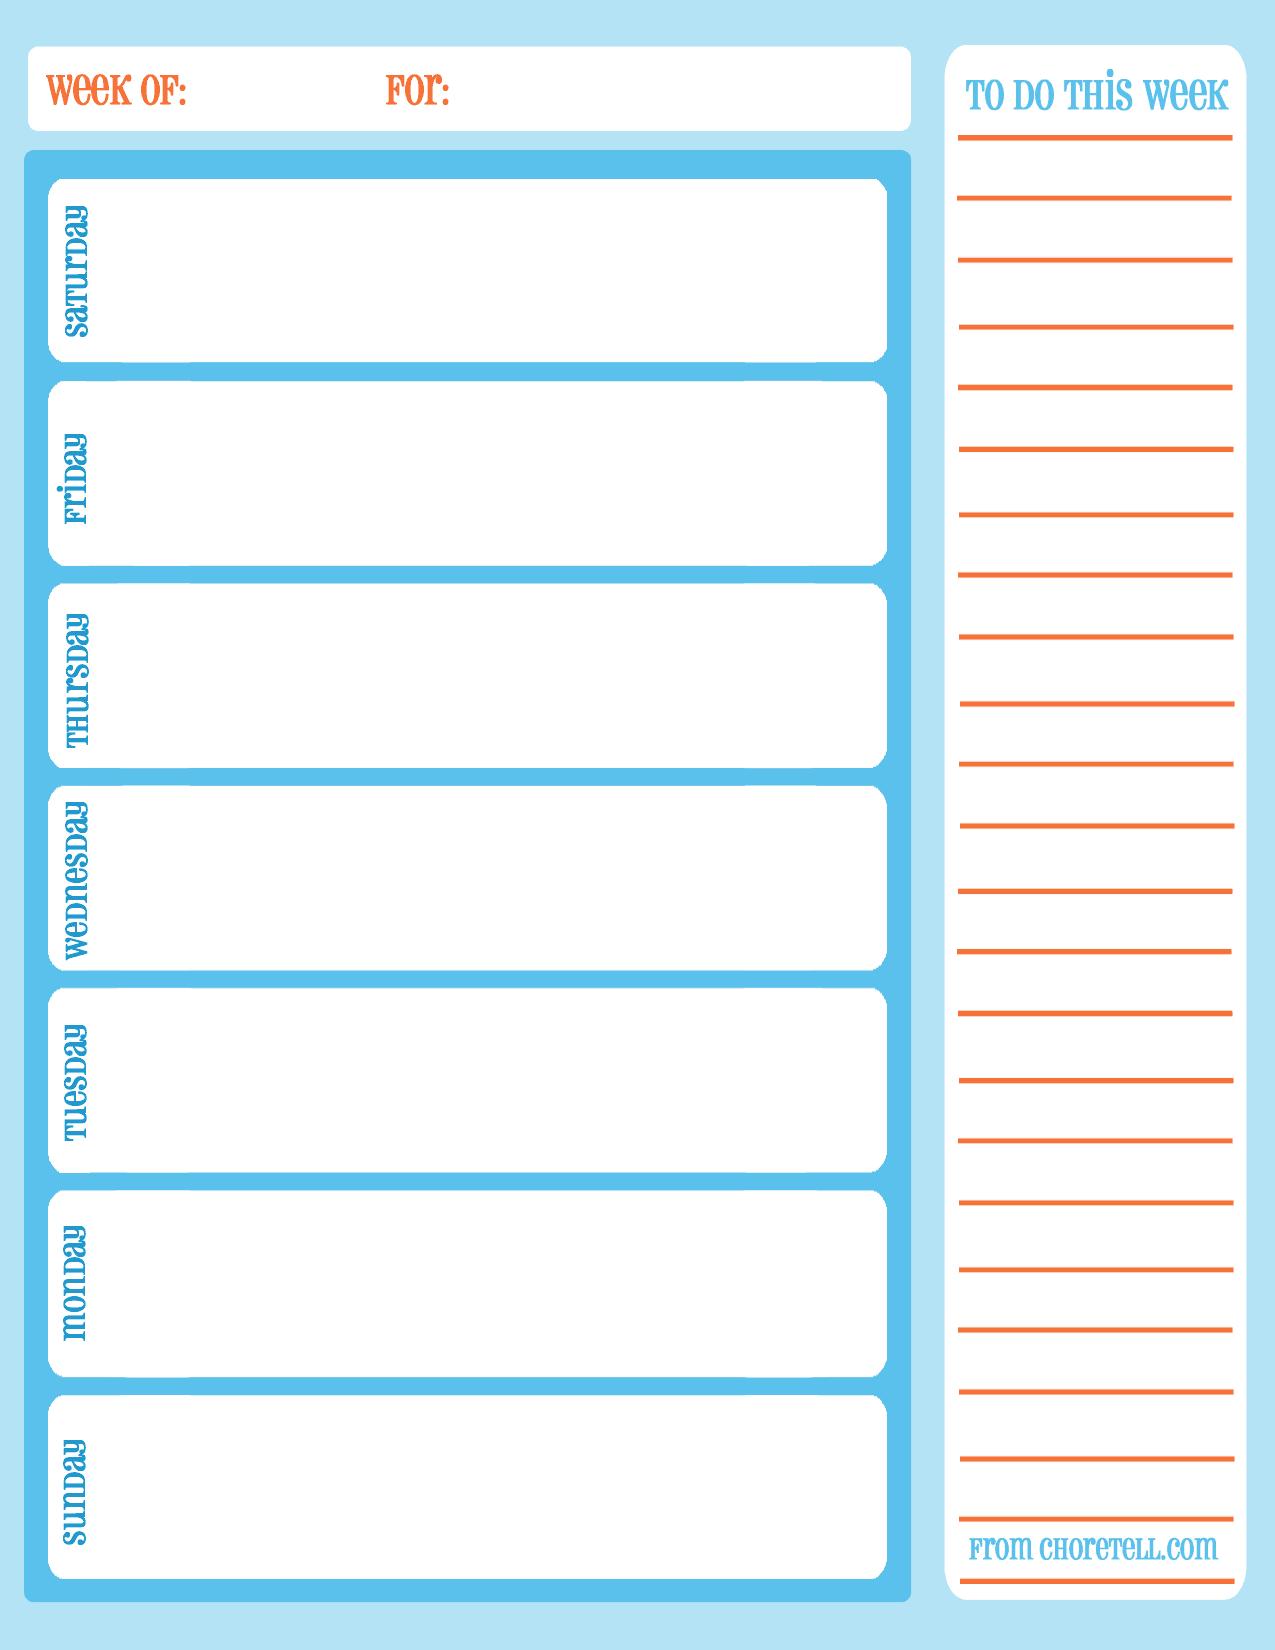 task list example 974